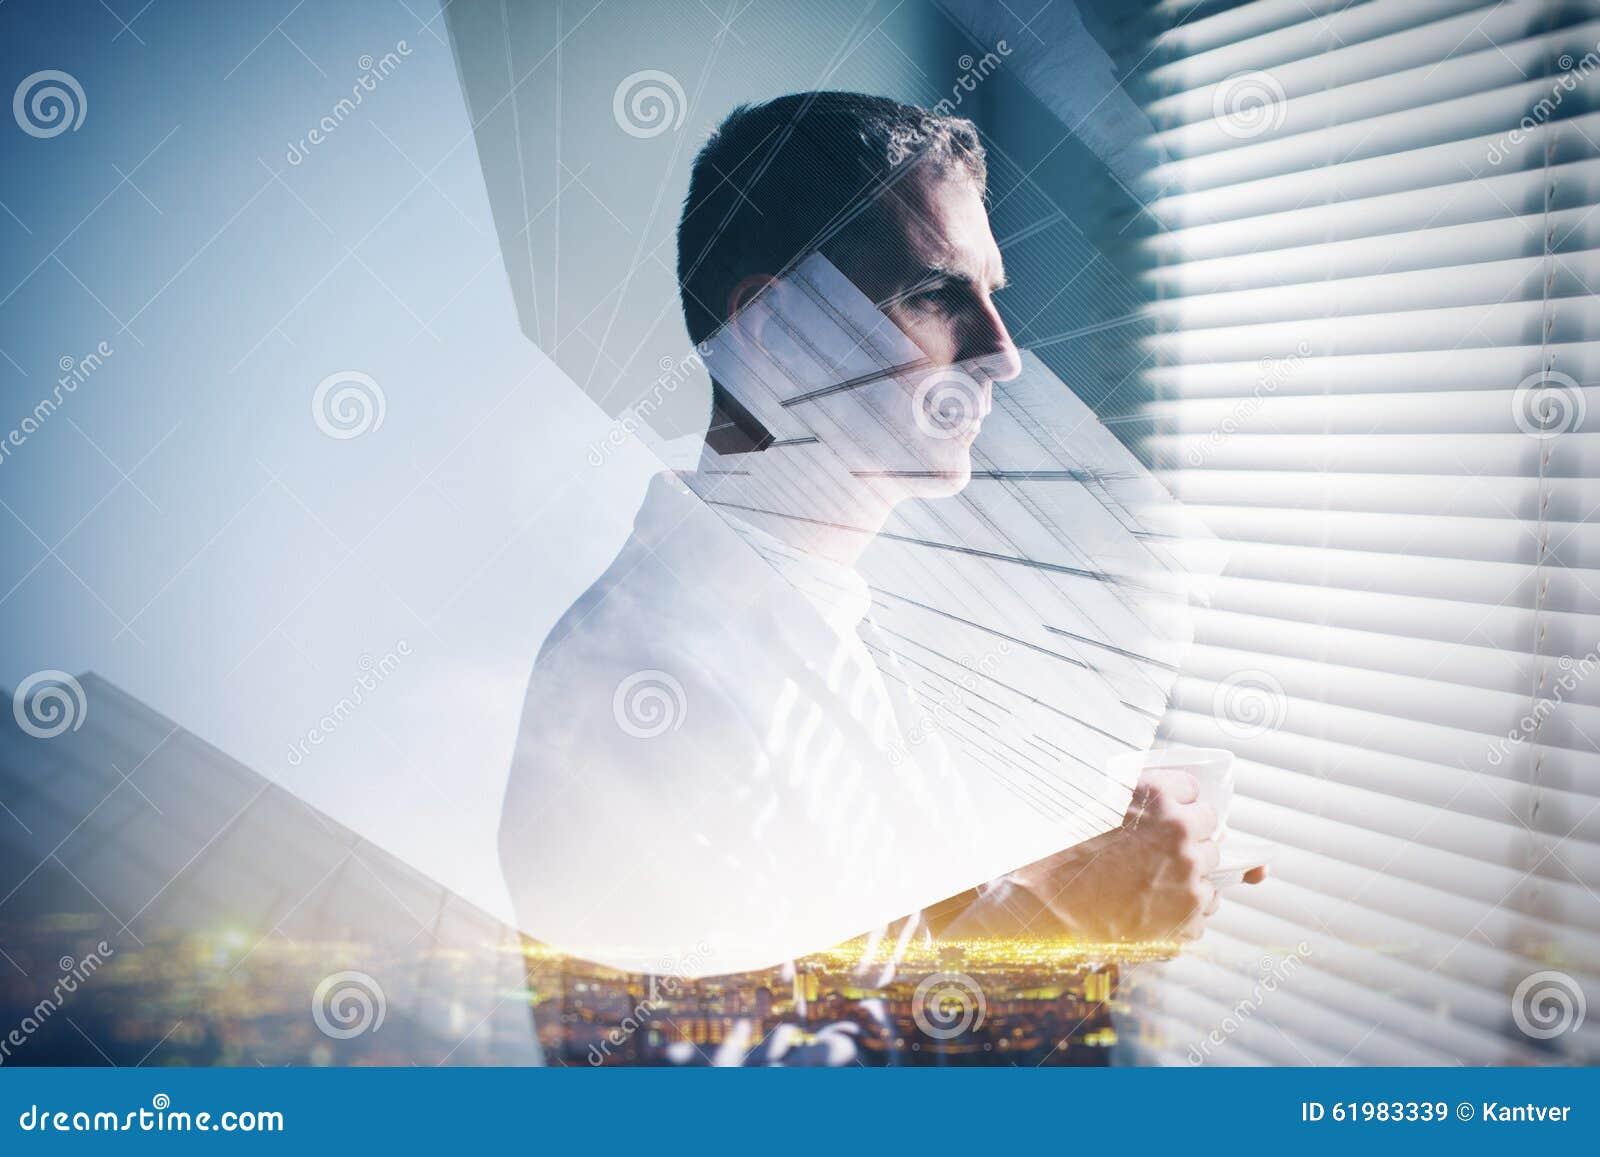 Multiexposure del hombre de negocios y de la ciudad jovenes de la noche